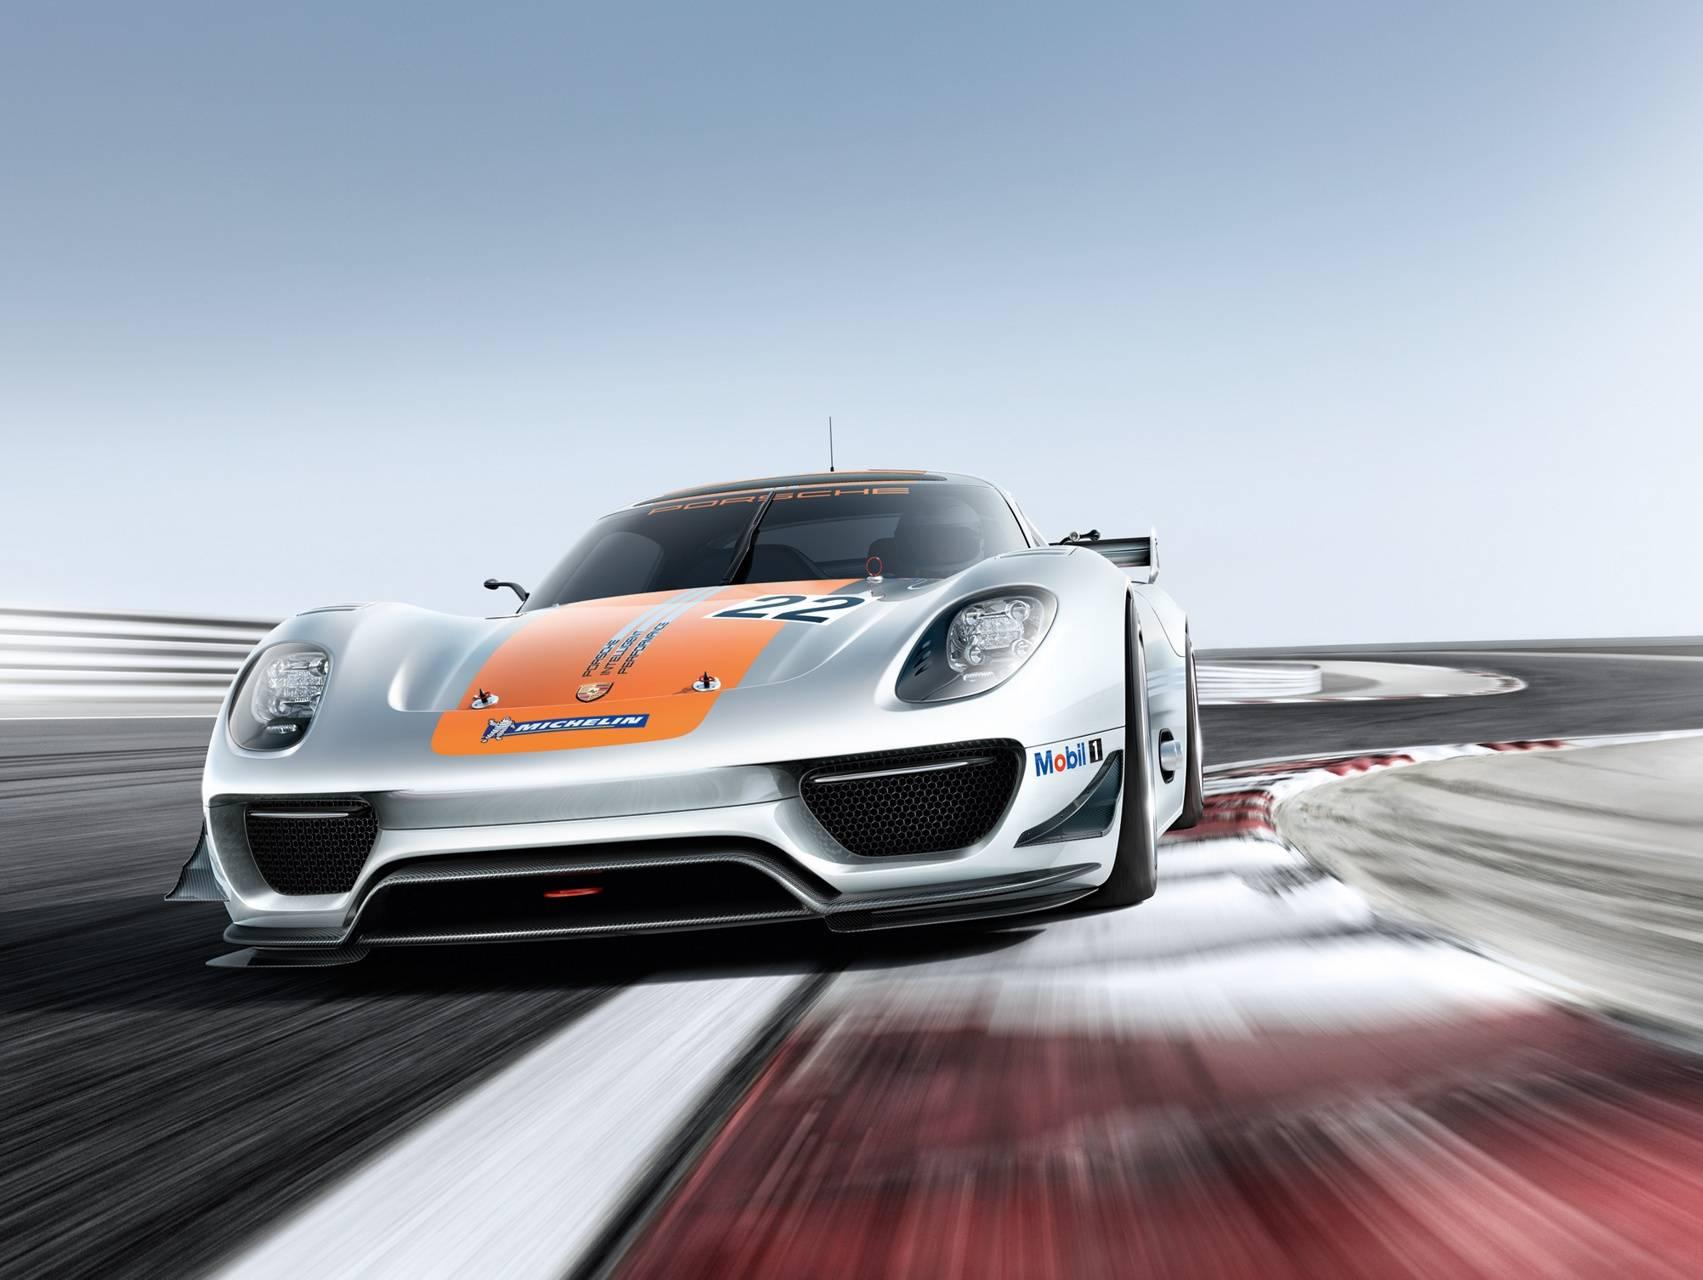 2011 Porsche 918